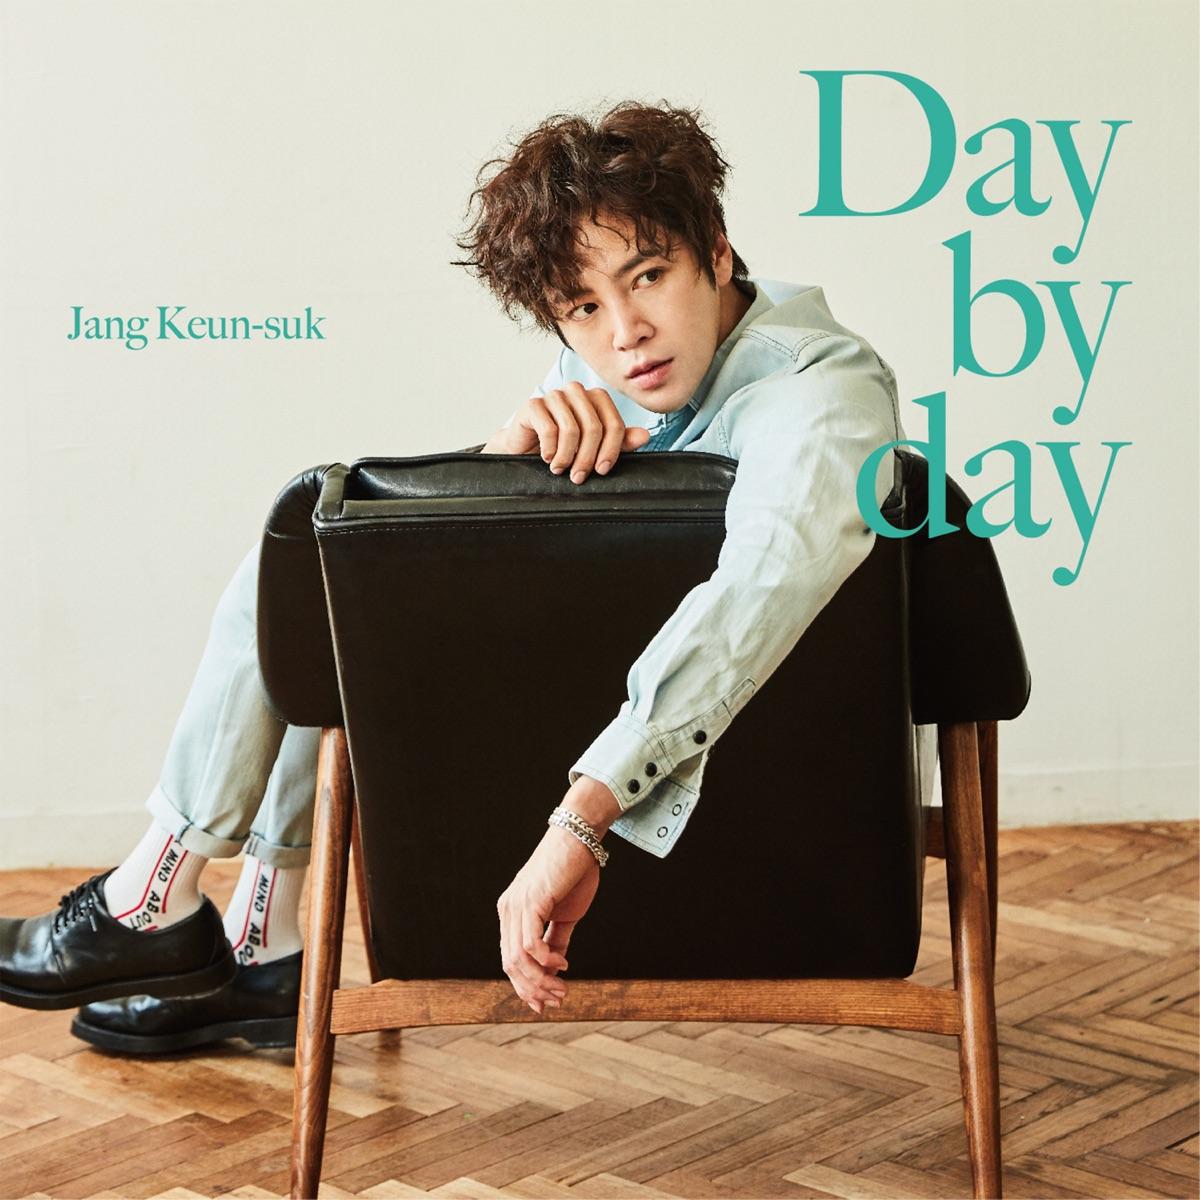 『チャン・グンソク - Day by day』収録の『Day by day』ジャケット